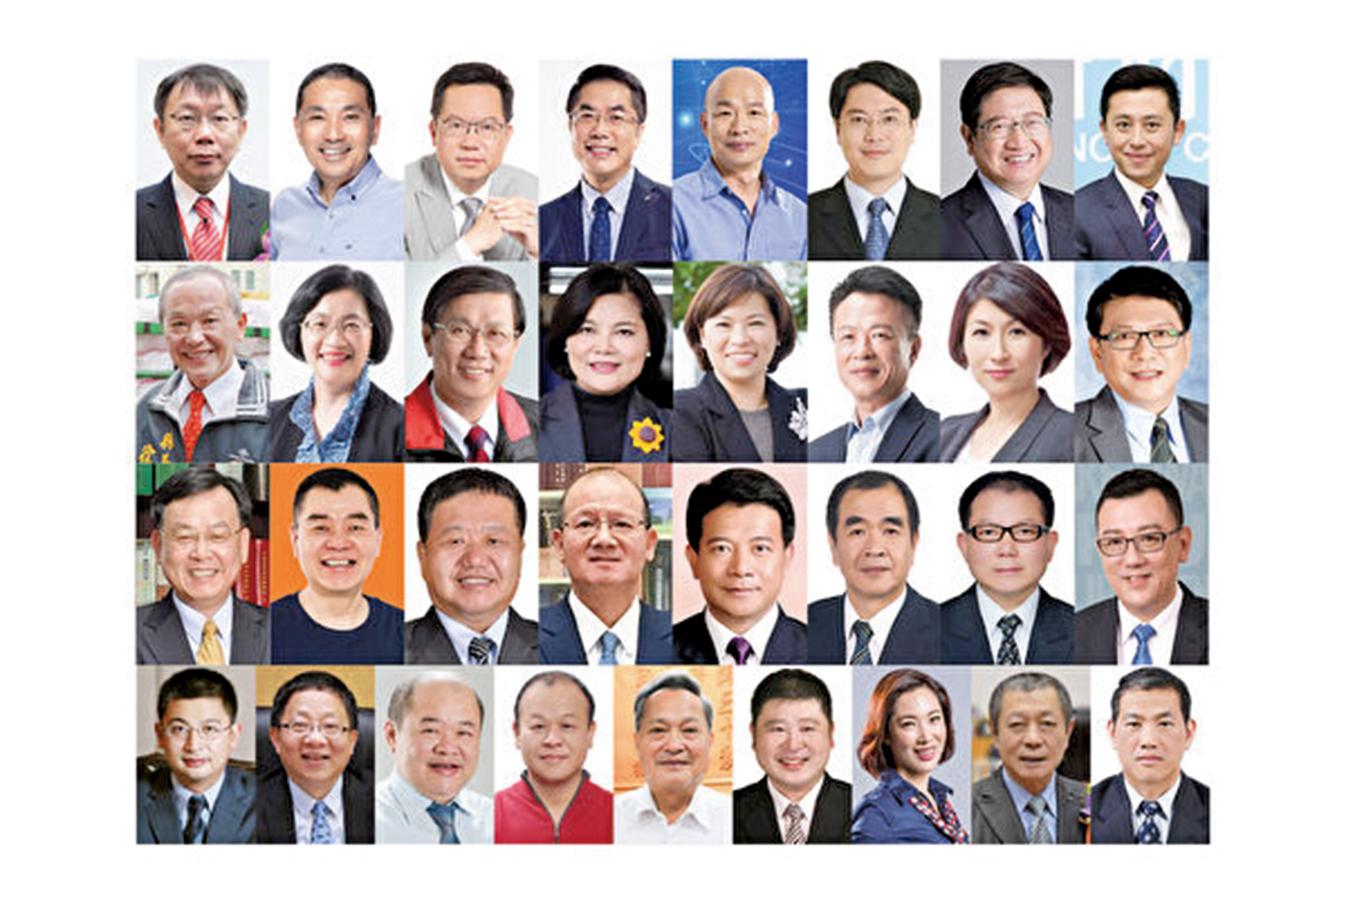 美國神韻交響樂團將於9月18日至10月2日四度蒞臨台灣,在9大城市進行11場巡迴演出。台灣共有33位政要發出賀詞,歡迎神韻交響樂團。(大紀元合成)